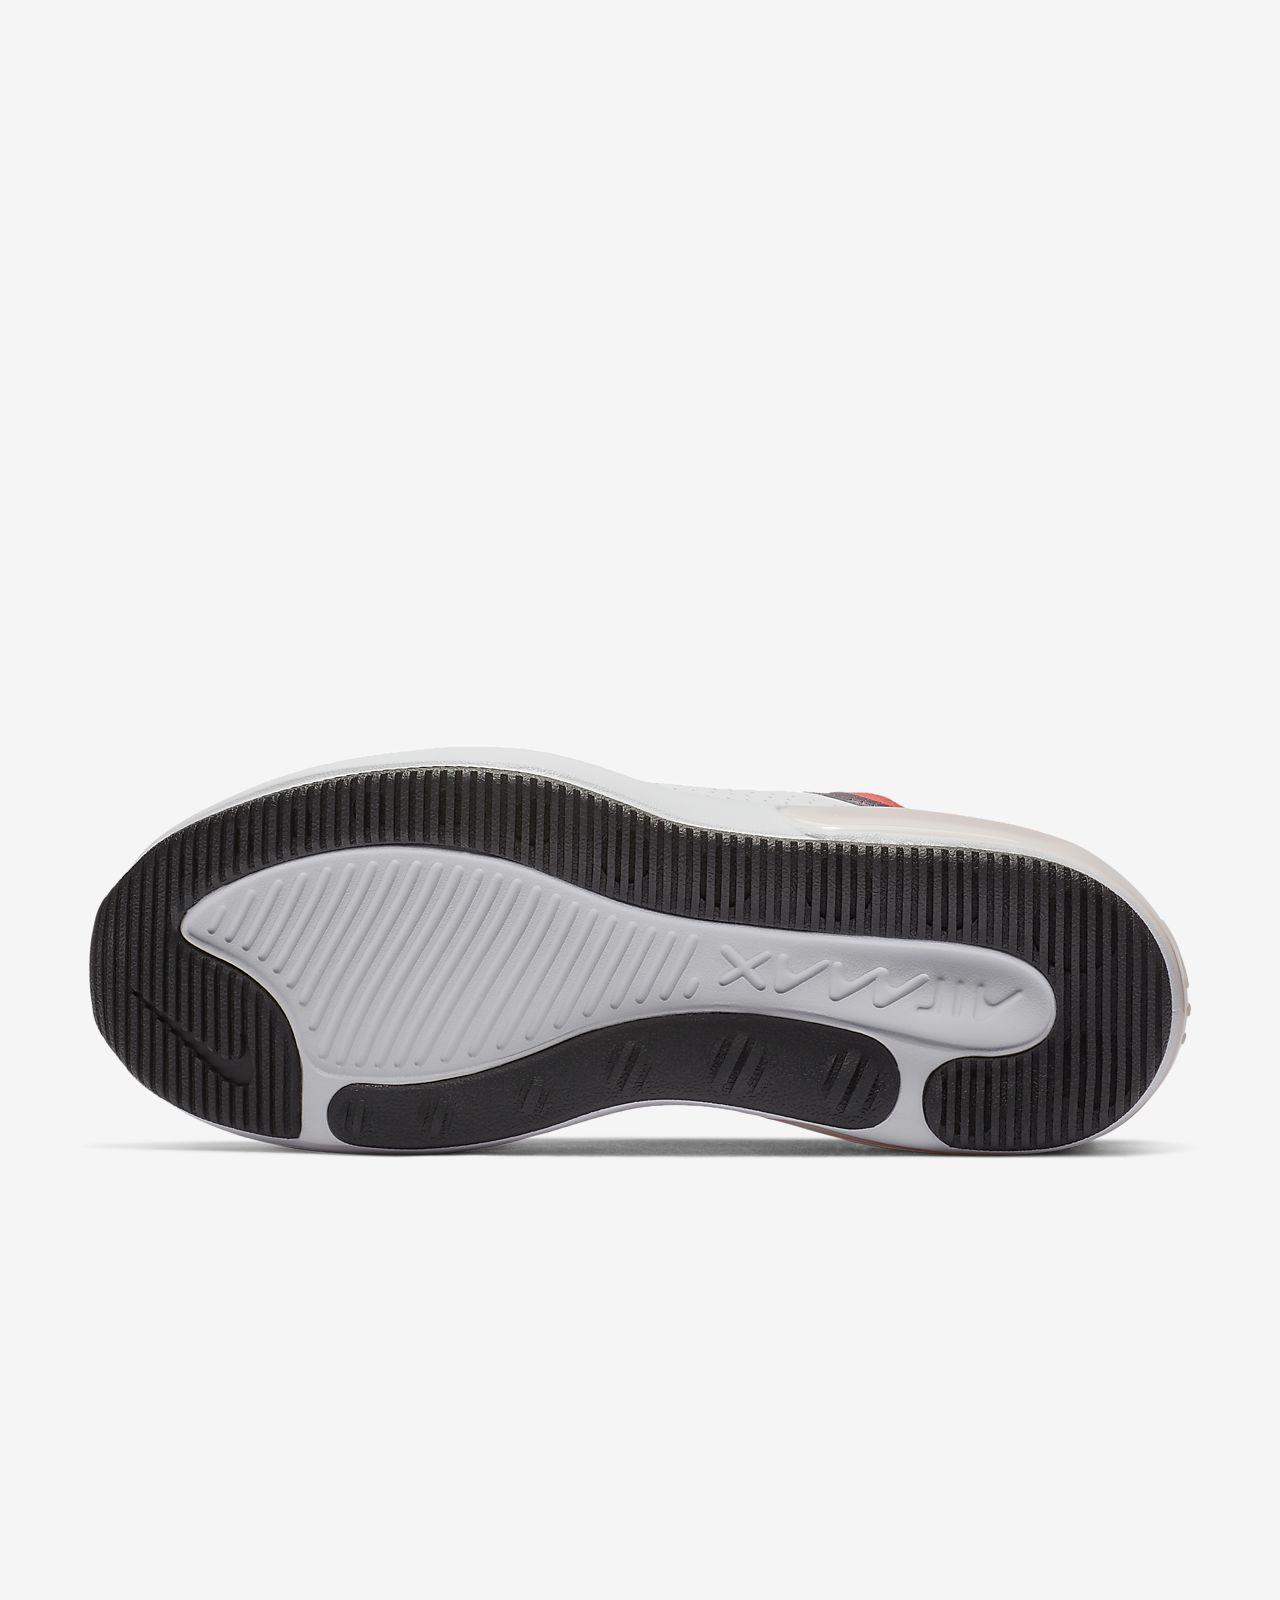 8ee5faf2d22d53 Nike Air Max Dia SE QS Women s Shoe. Nike.com GB